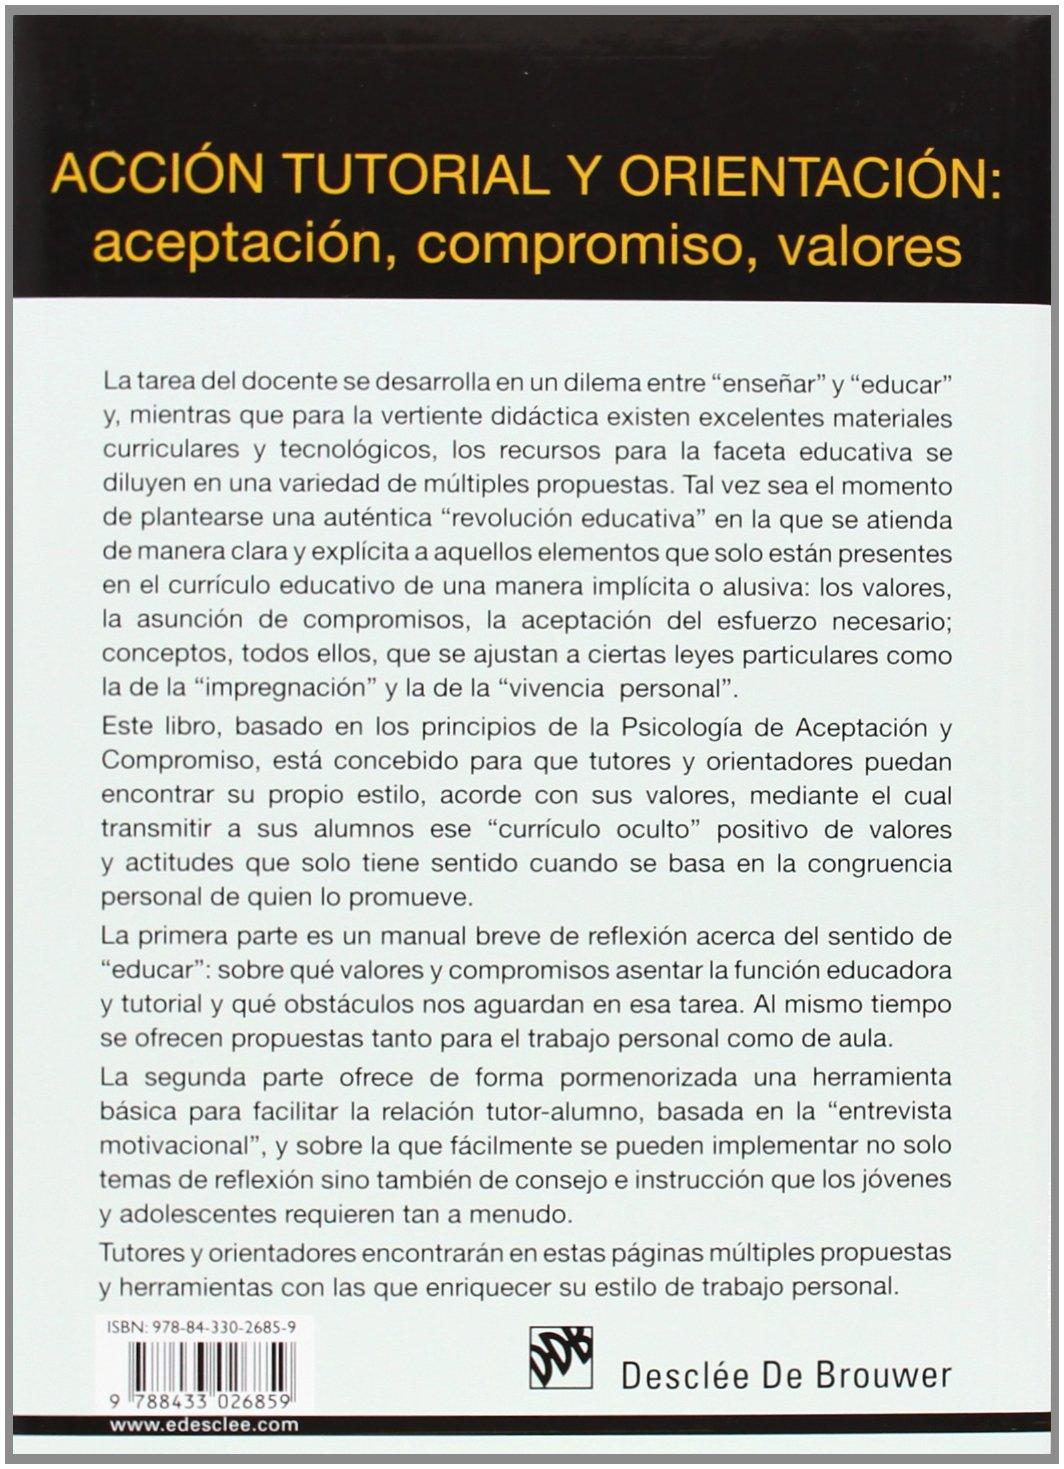 Acción Tutorial Y Orientación: Aceptación, Compromiso, Valores AMAE: Amazon.es: Ramiro Juan Álvarez Fernández: Libros